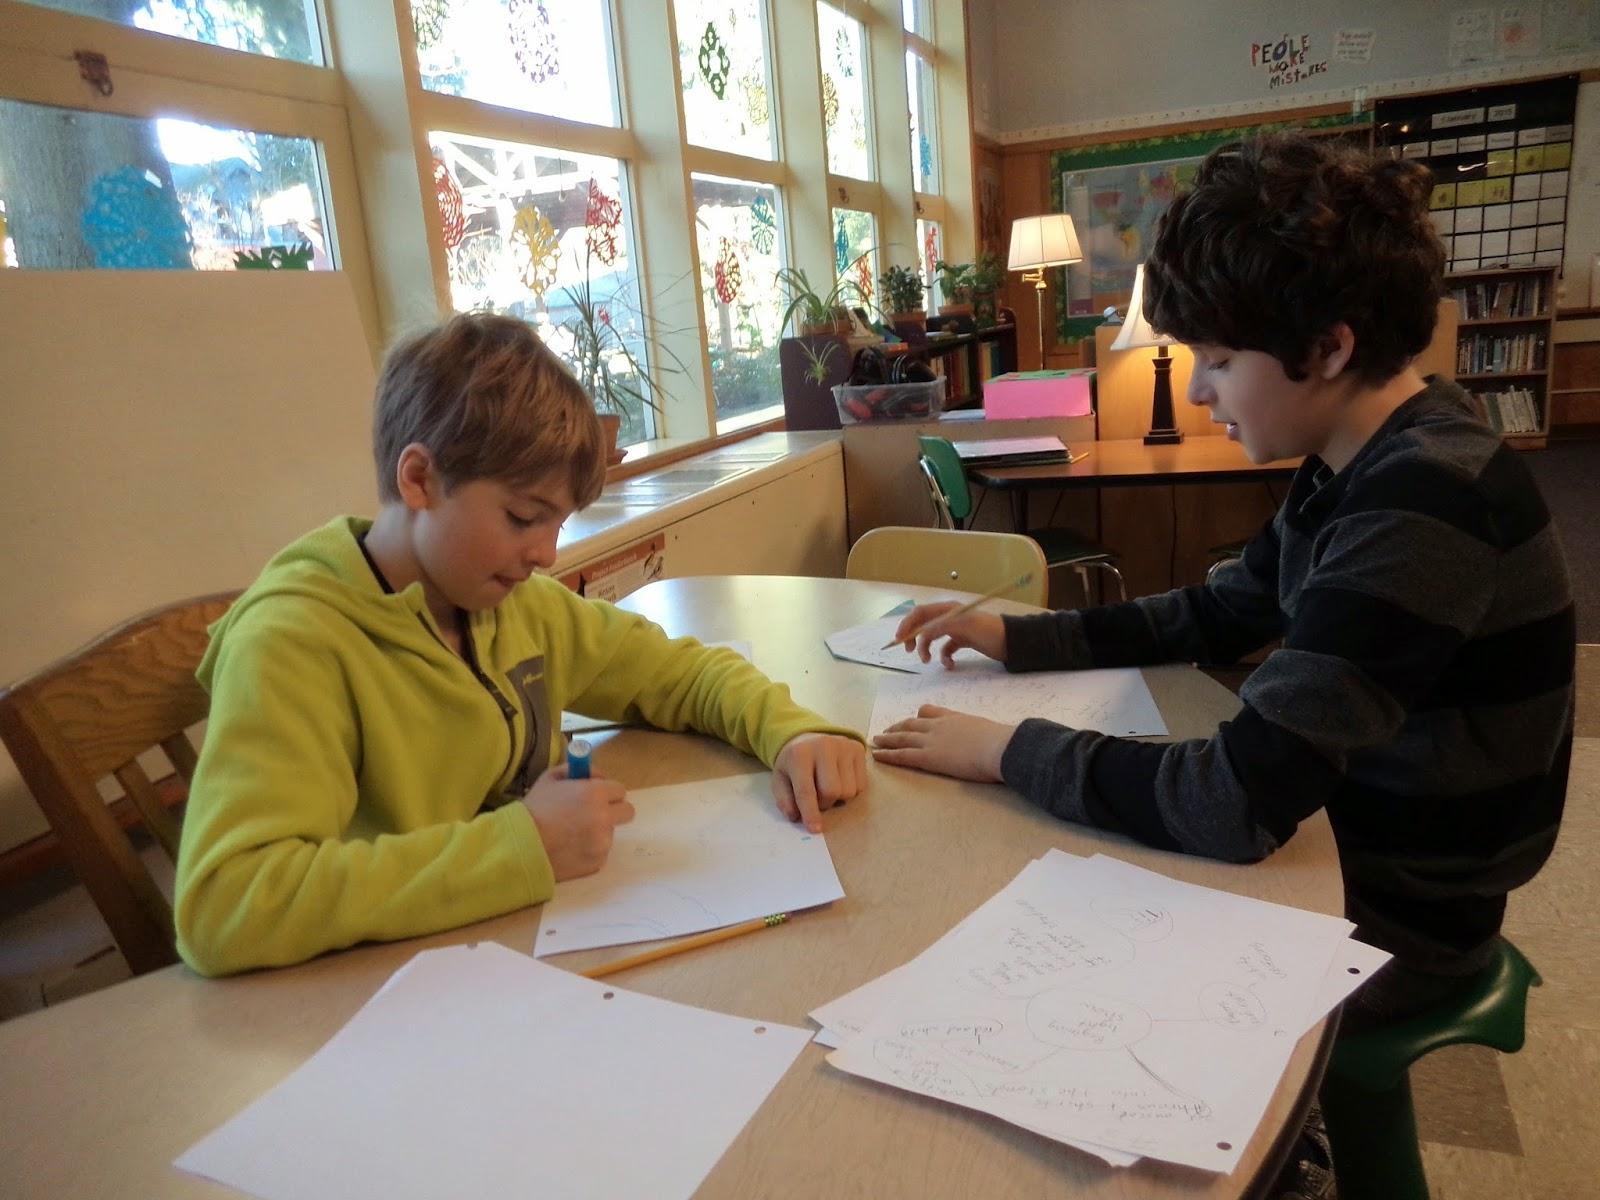 5 paragraph essay curriculum 91 121 113 106 5 paragraph essay curriculum